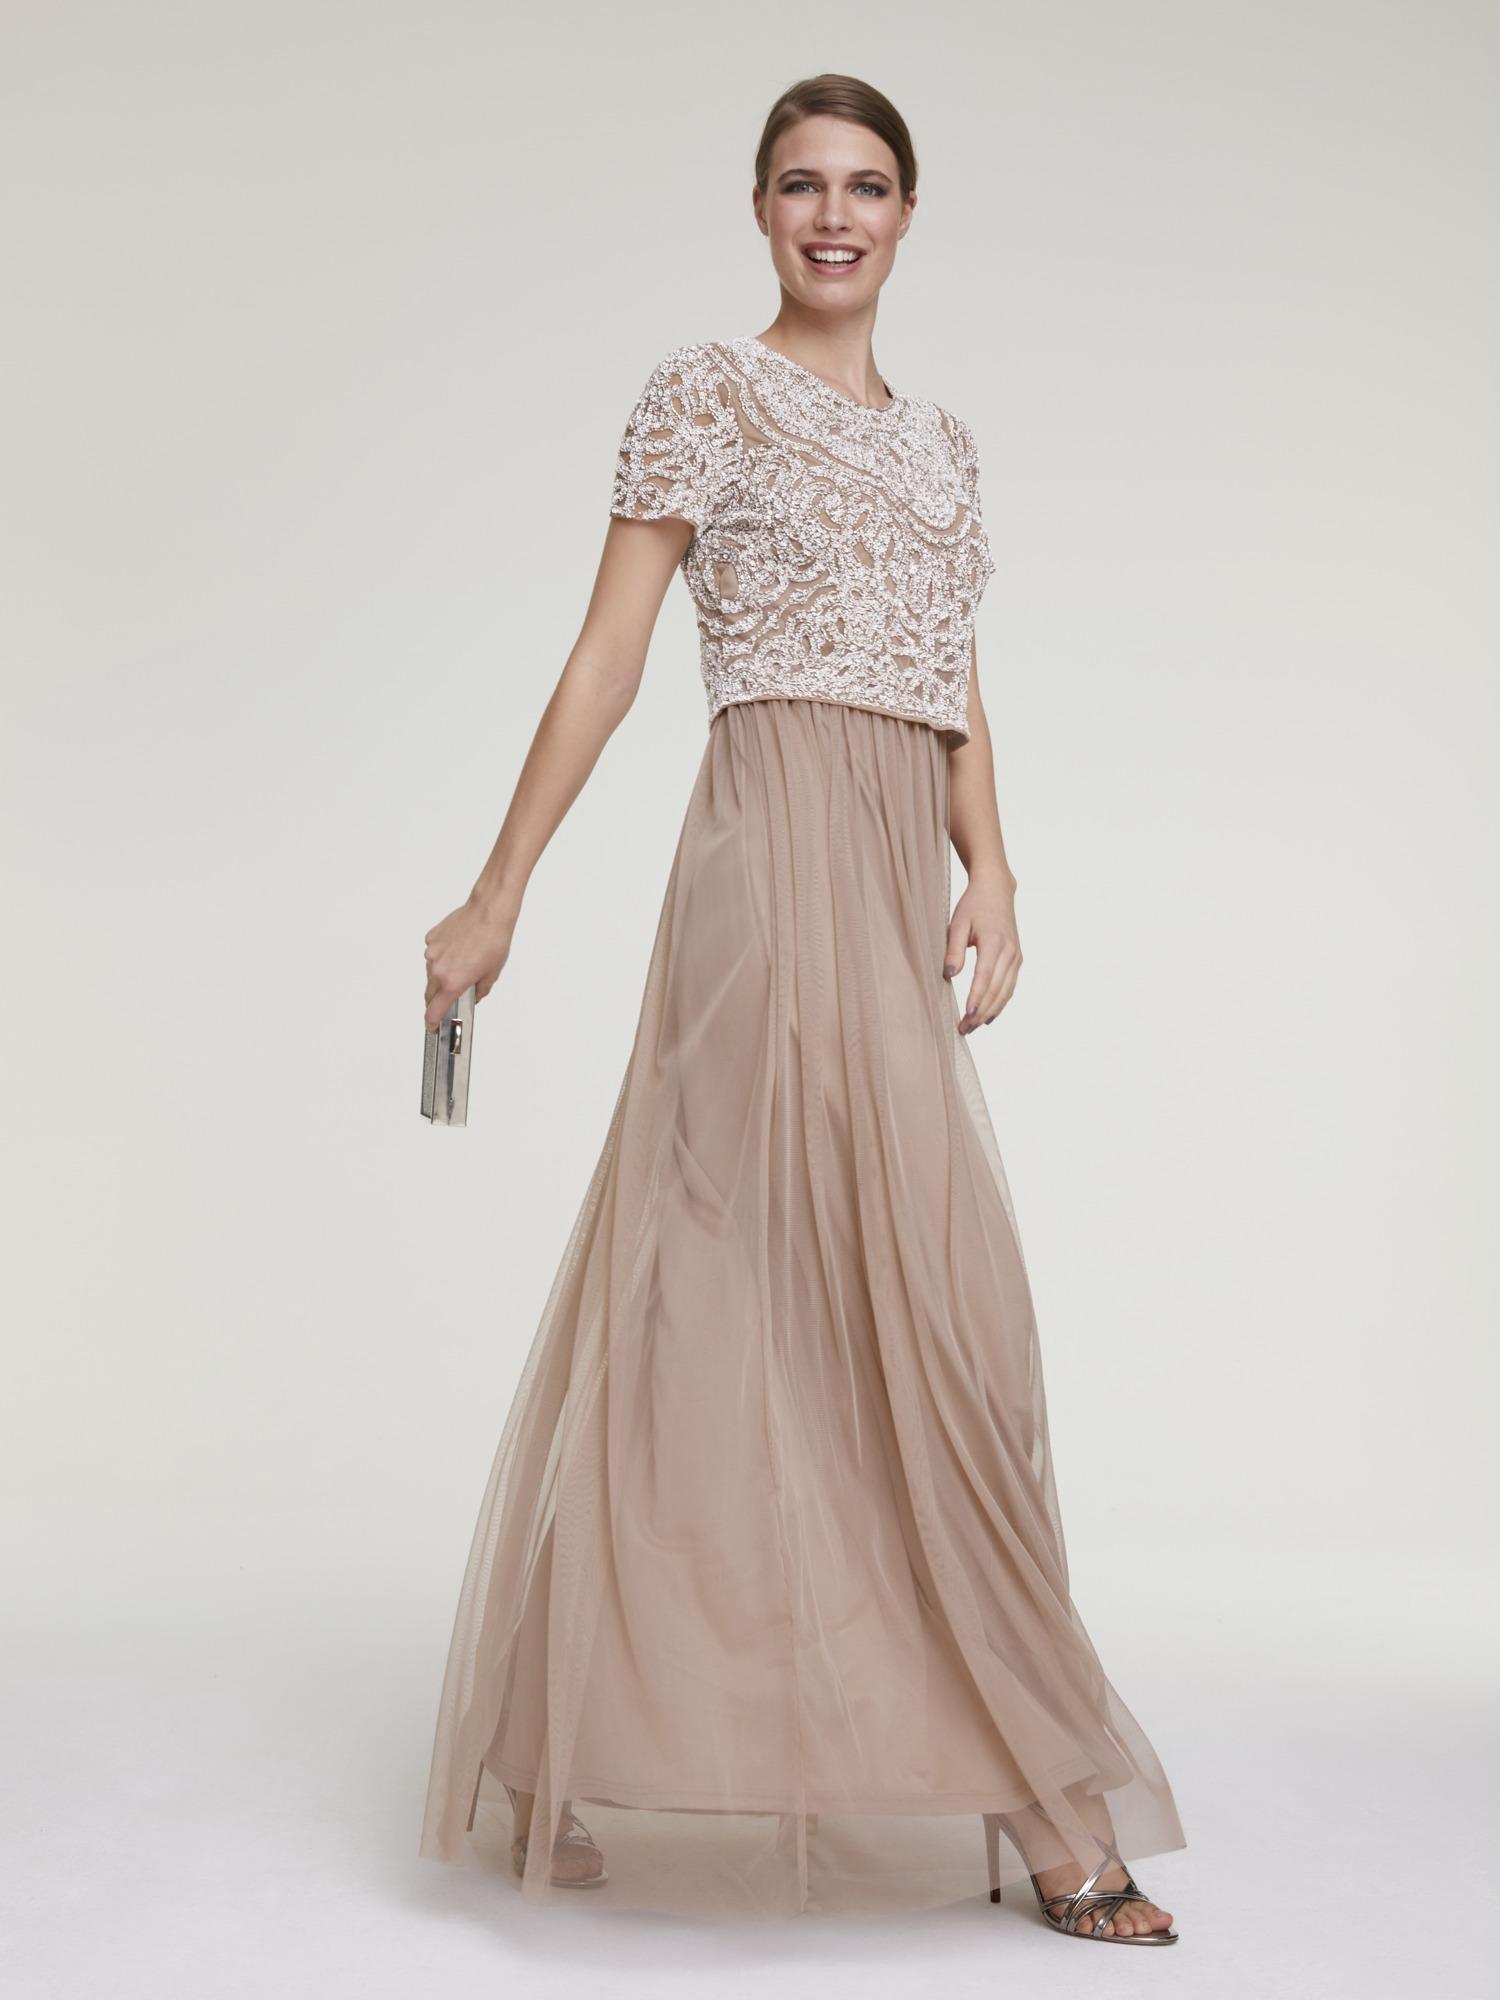 15 Spektakulär Abendkleid Im Lagenlook Ärmel13 Cool Abendkleid Im Lagenlook Vertrieb